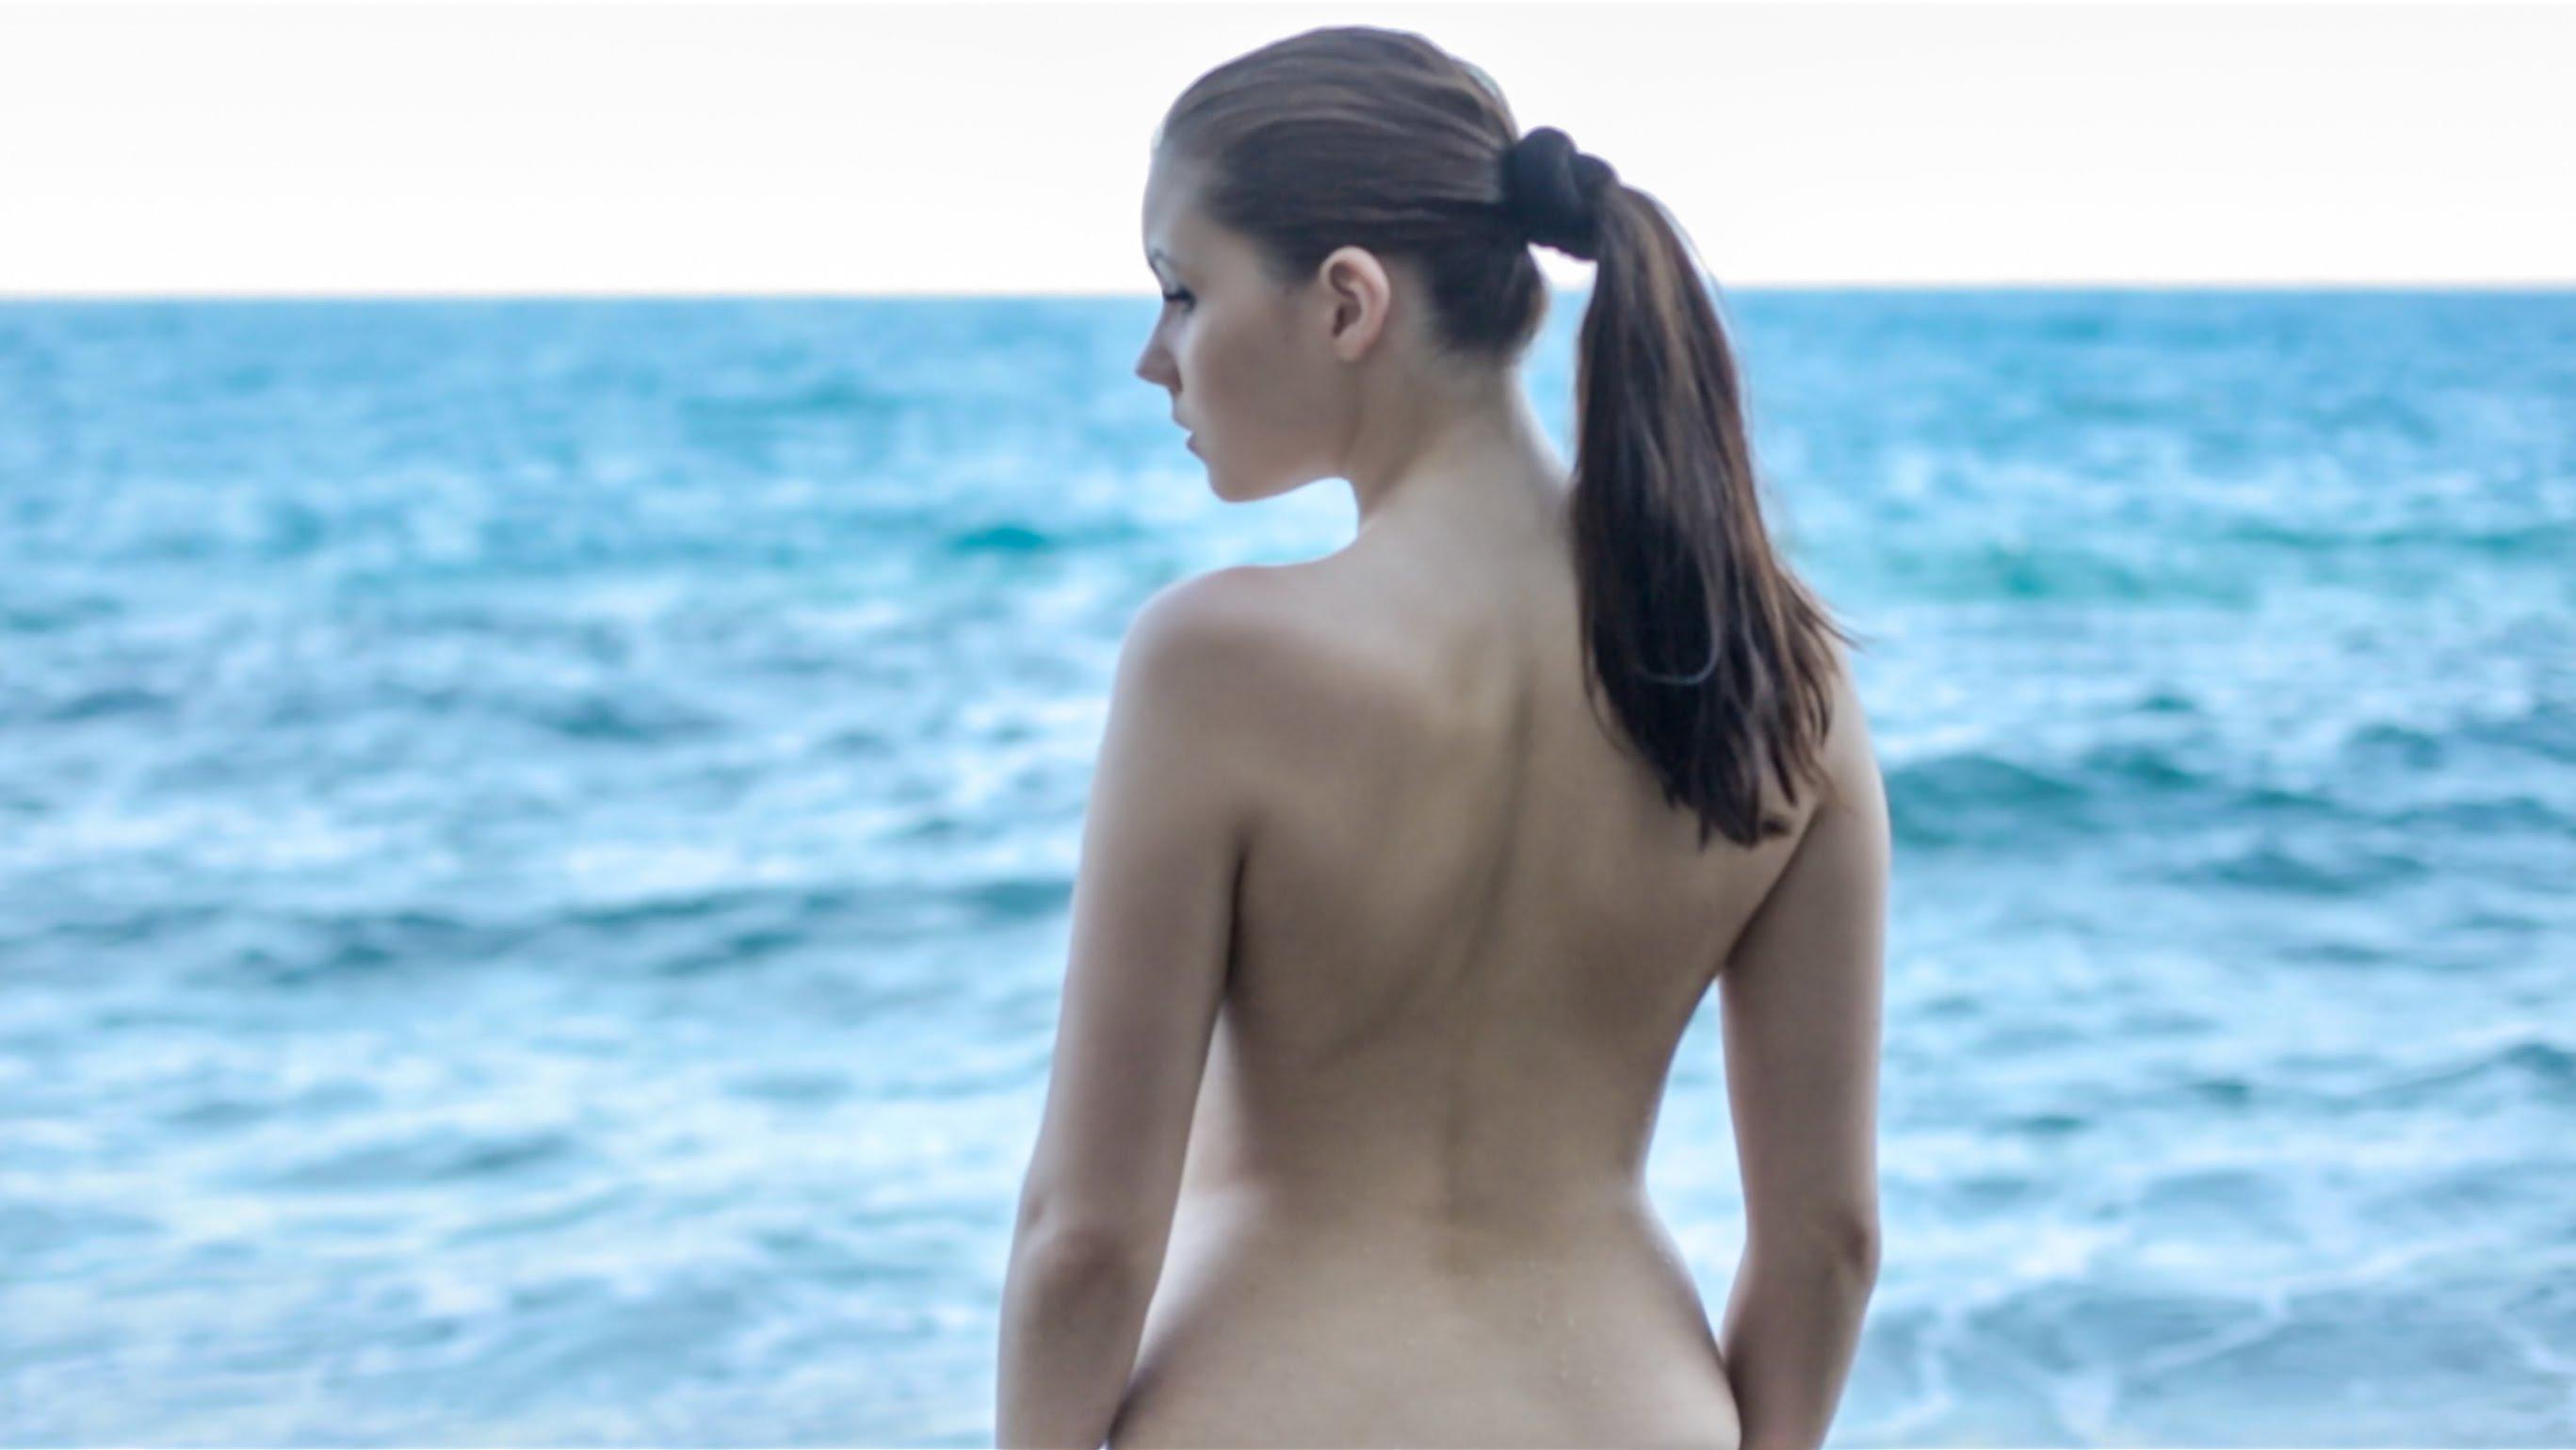 natalie volk nude